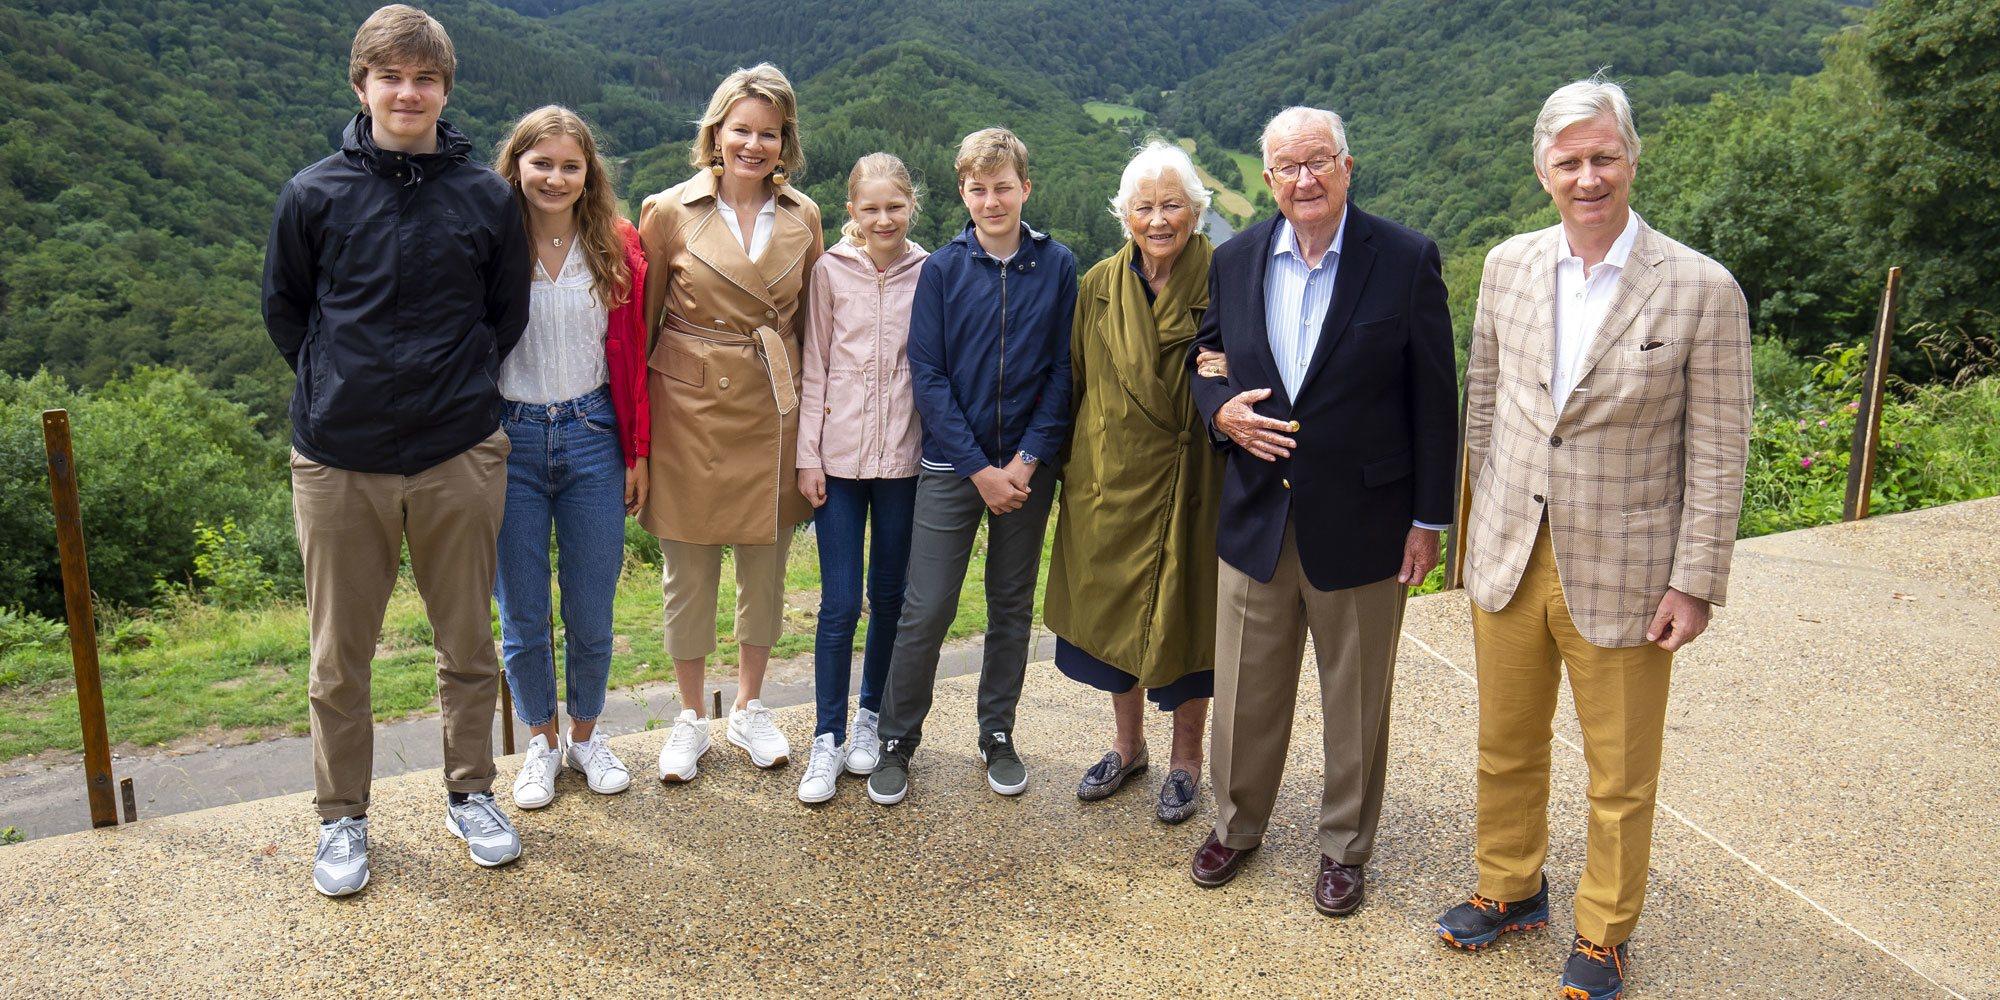 El atípico posado de la Familia Real Belga que une a tres generaciones para fomentar el turismo nacional